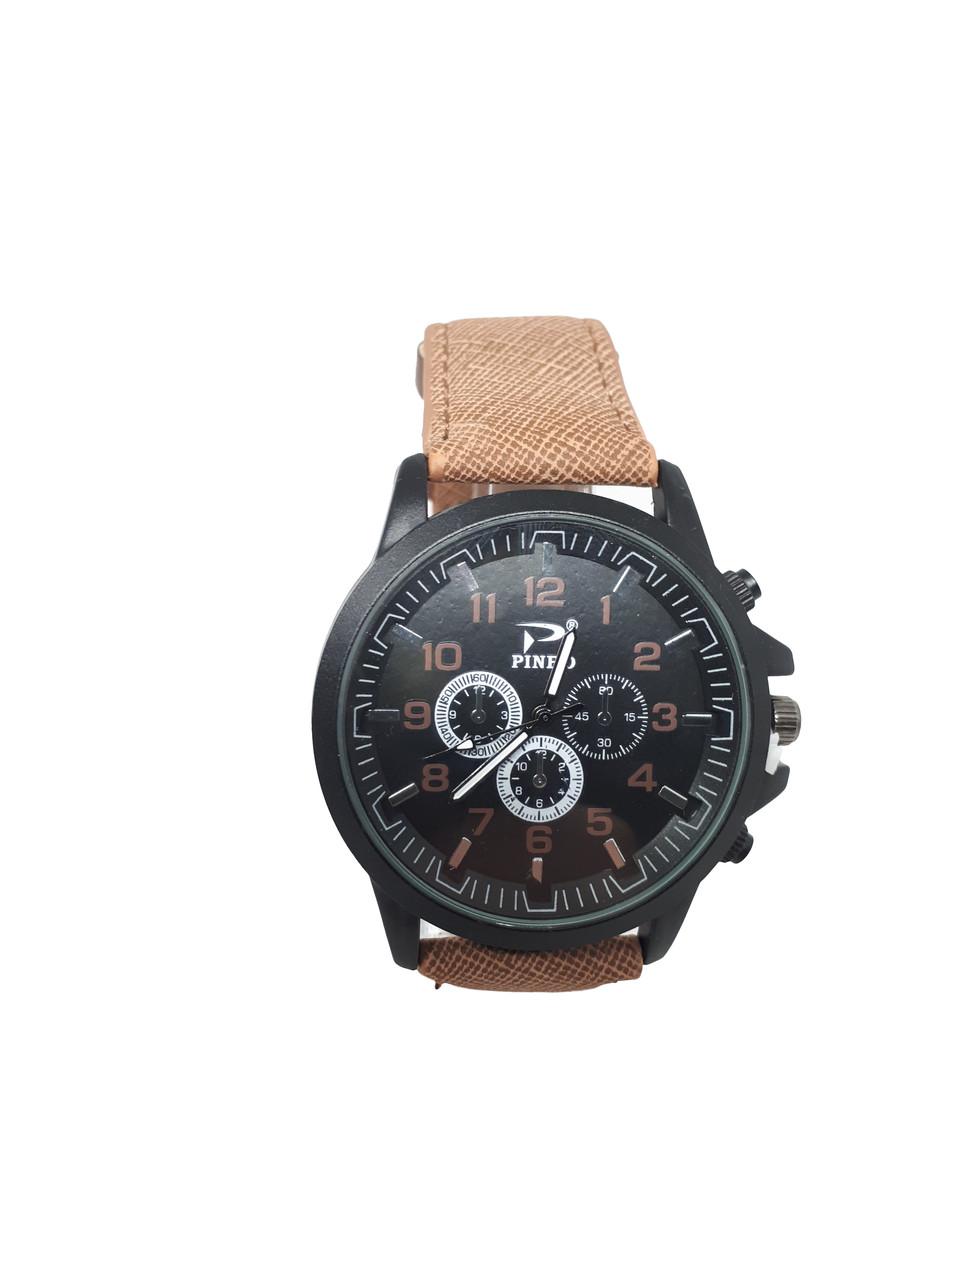 Часы мужские Pinbo Sport на  ремешке. Коричневый